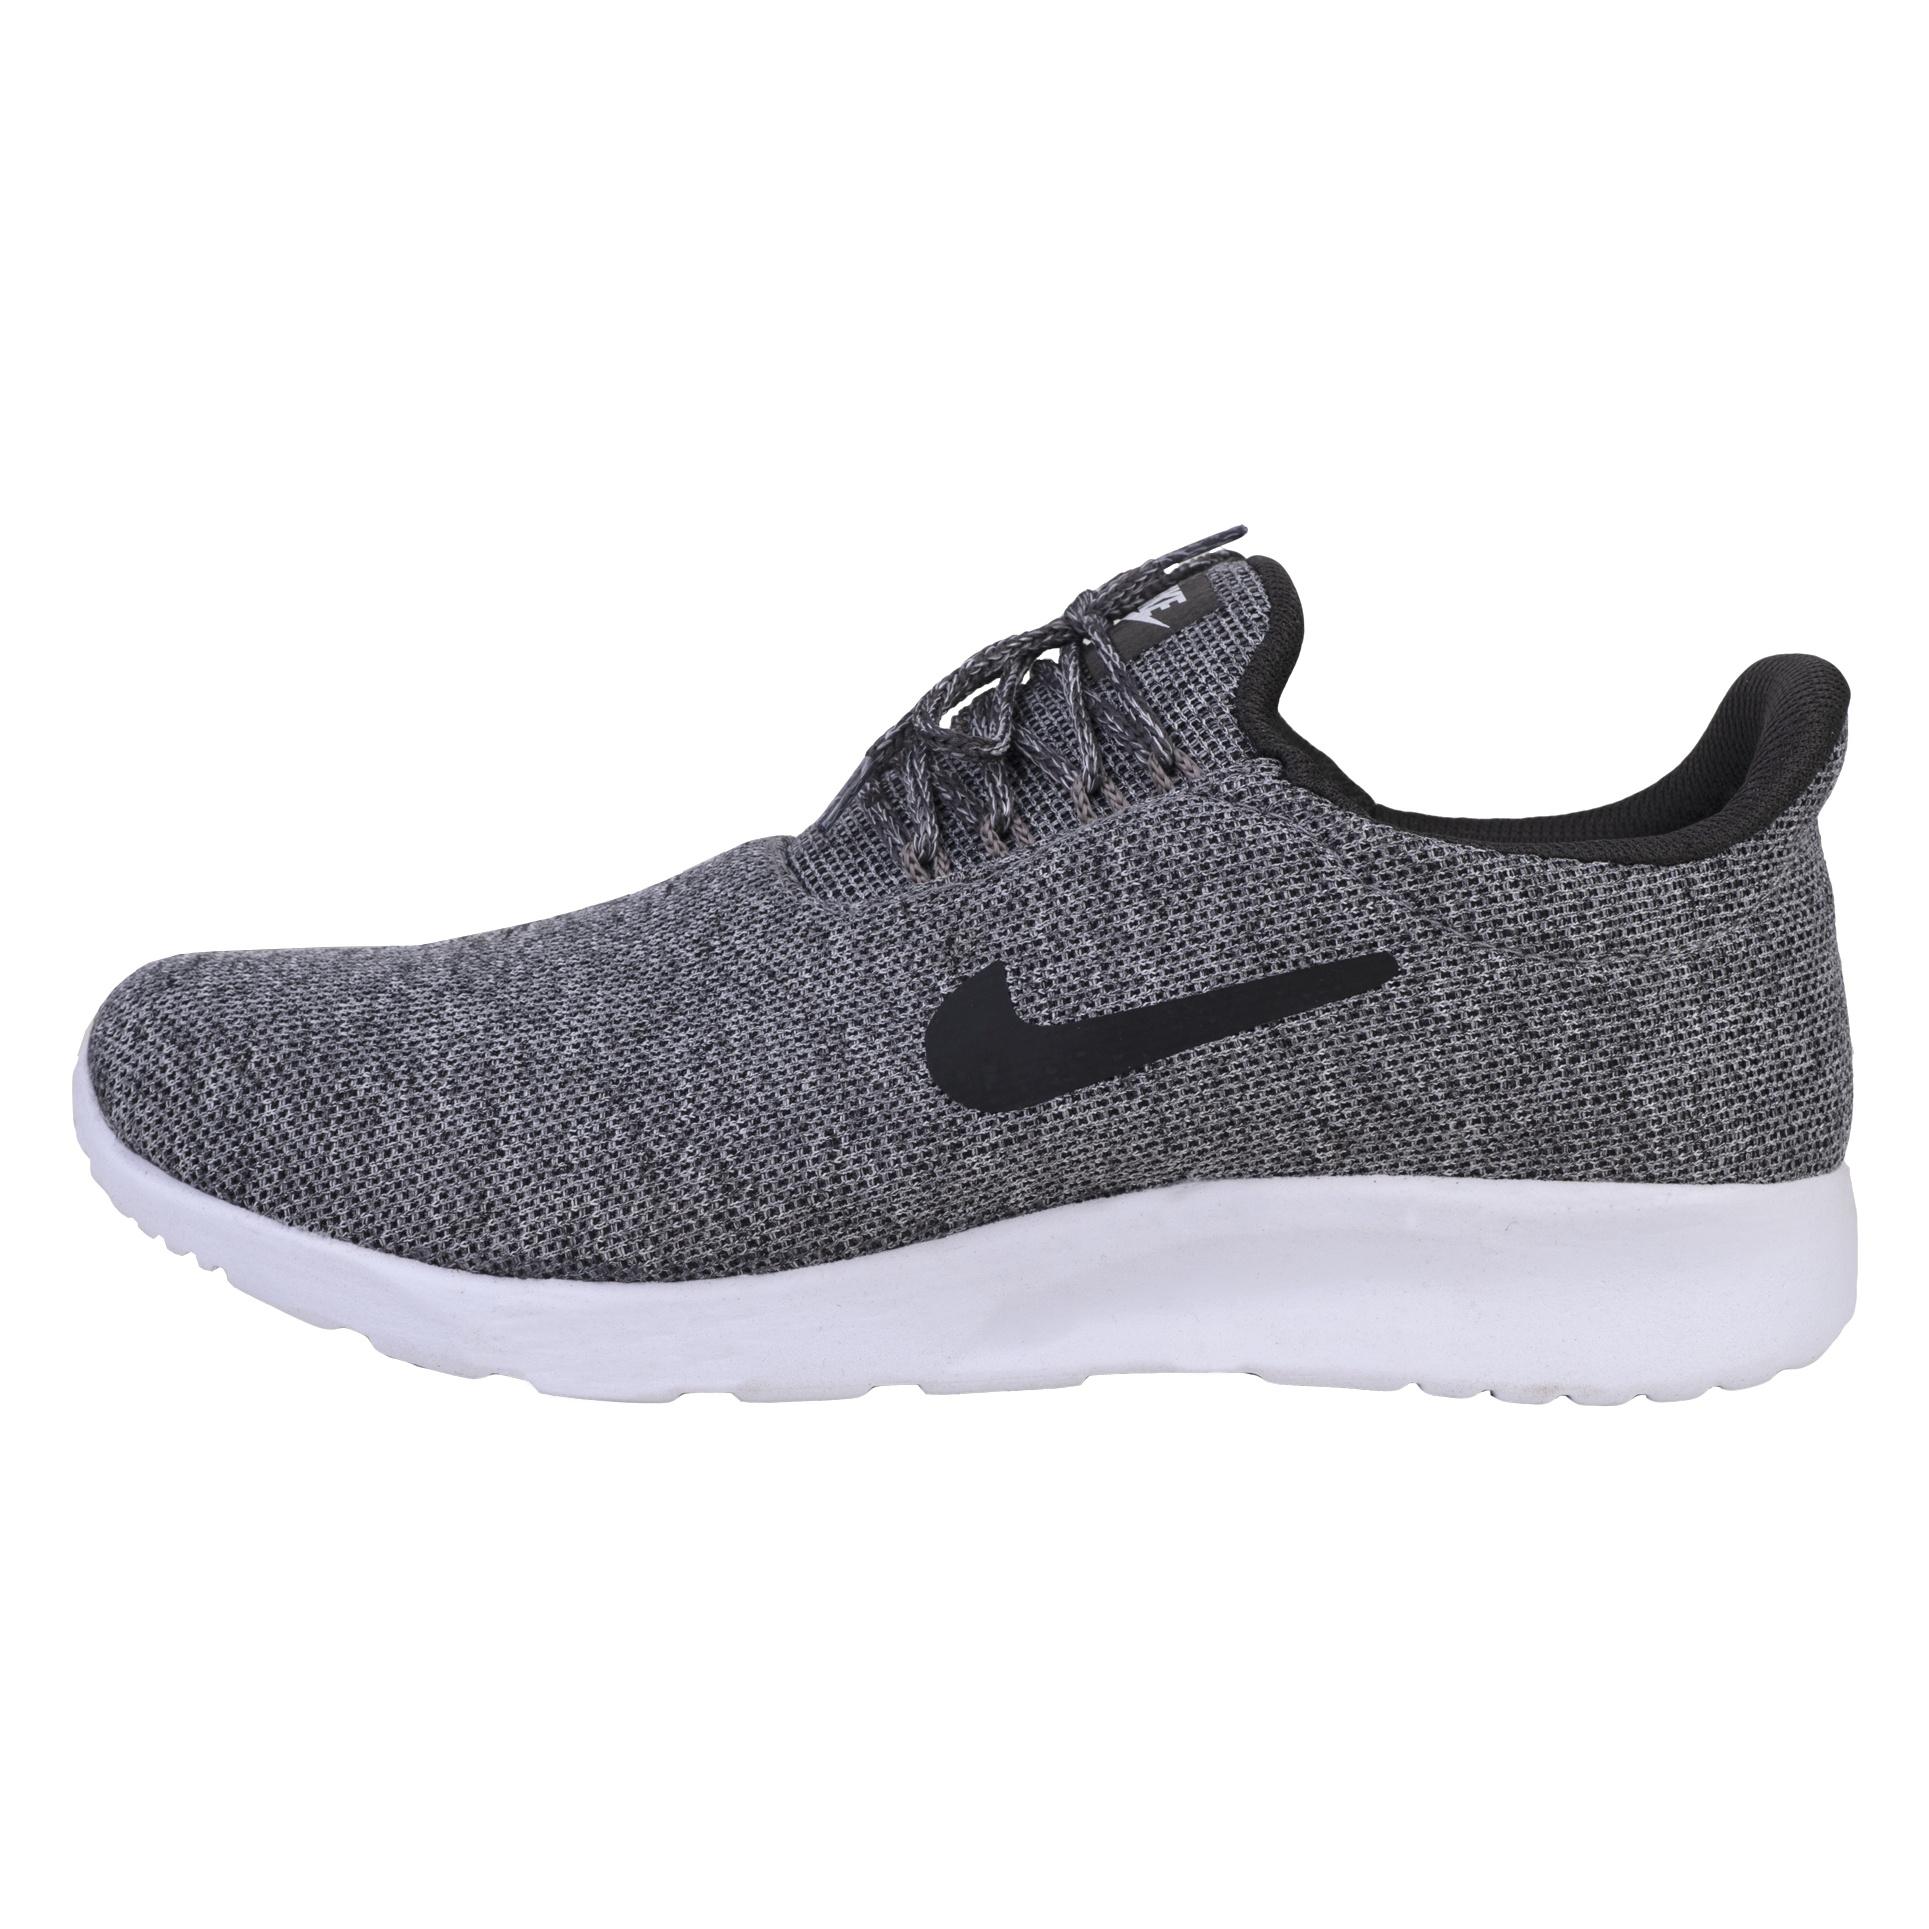 کفش مخصوص پیاده روی مردانه کد 704-546